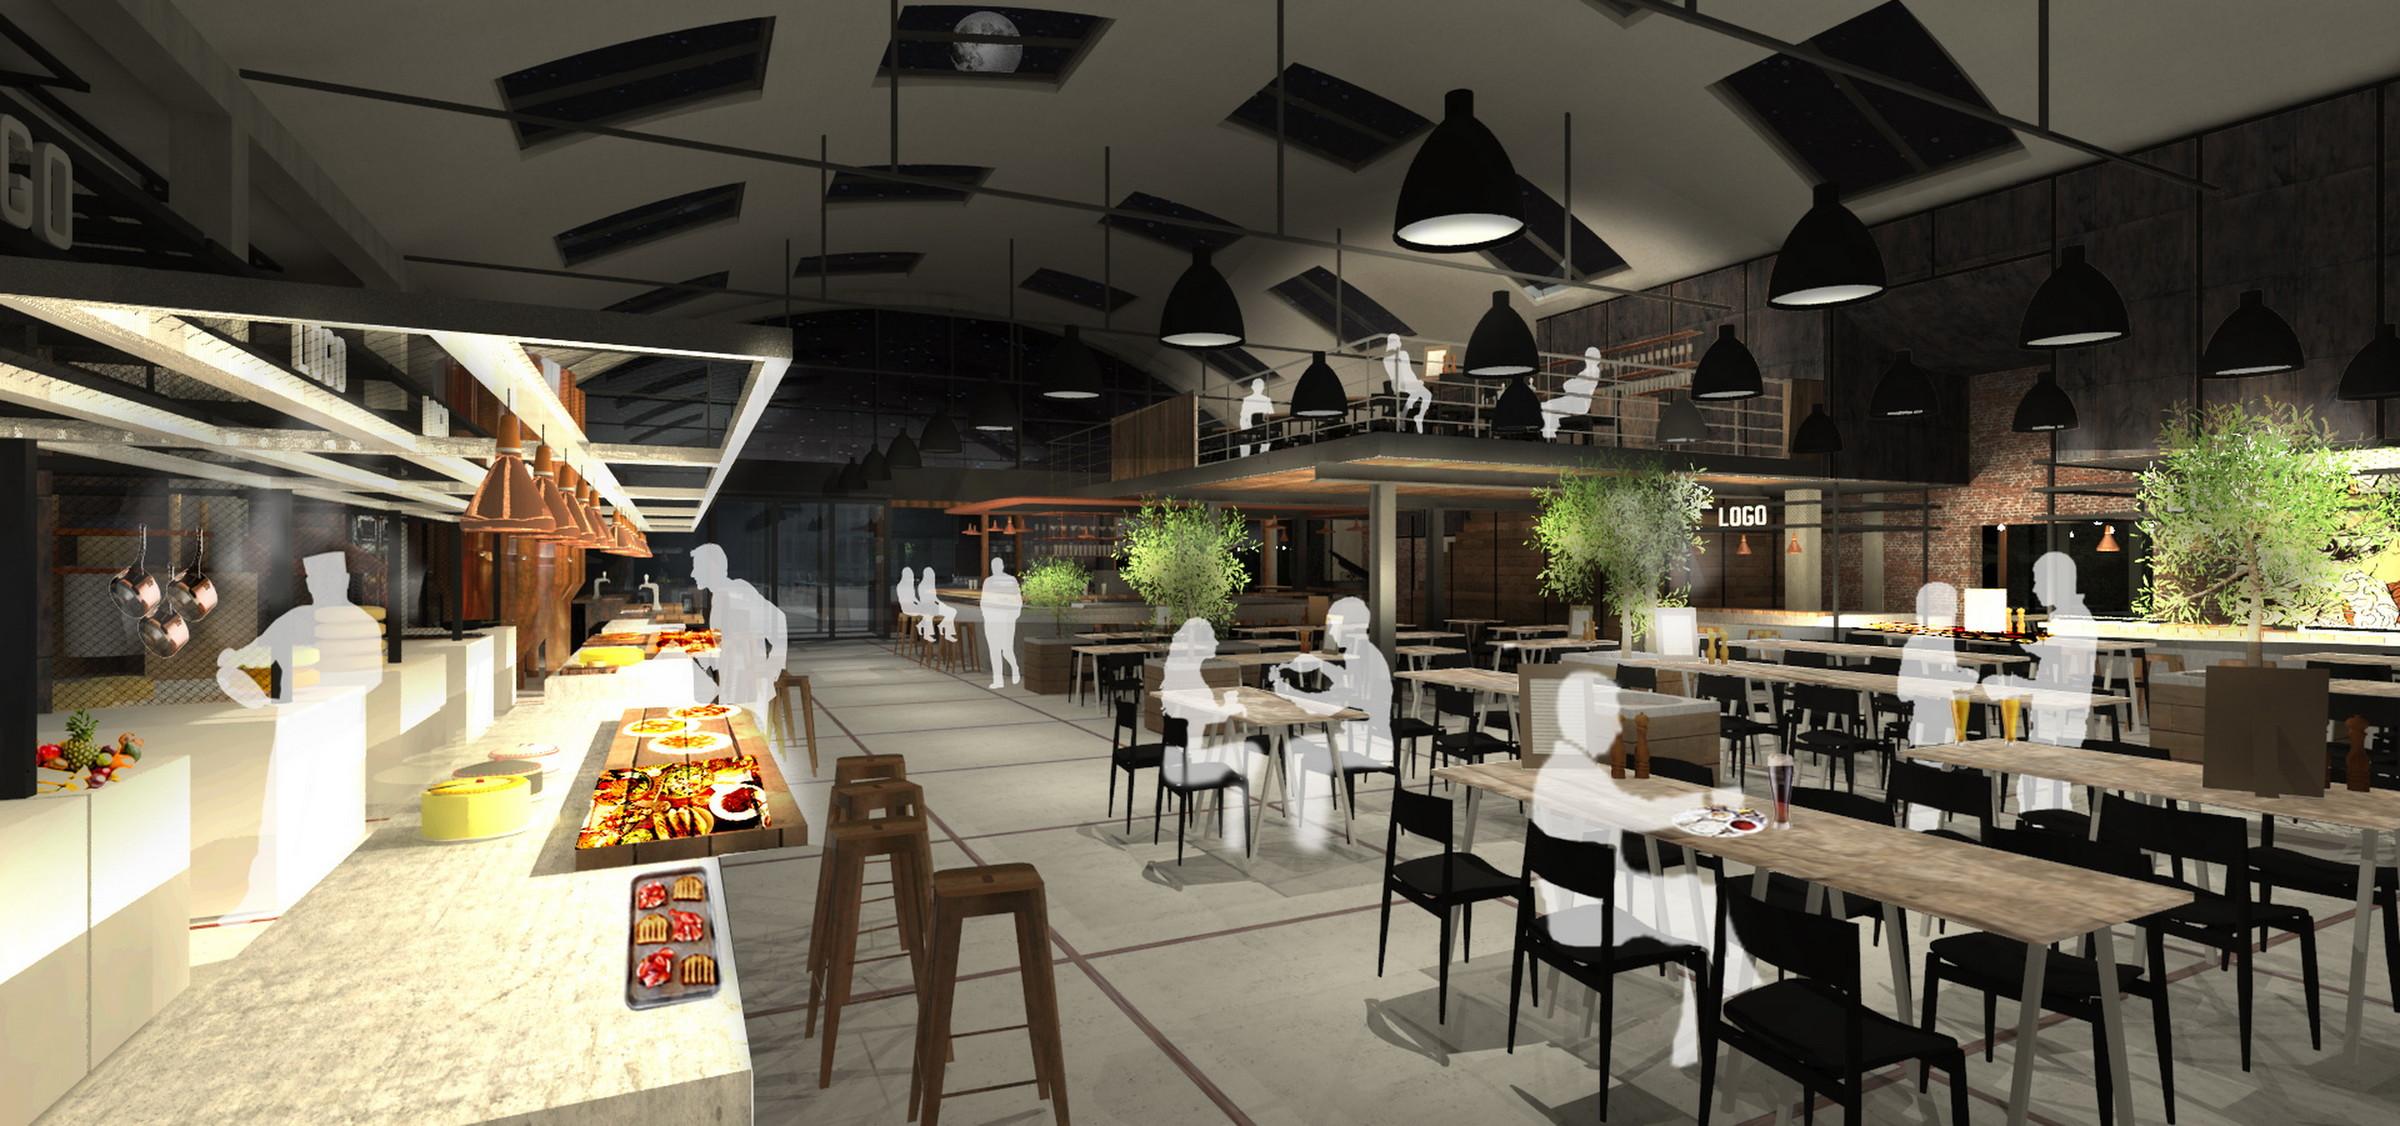 Foodhall Hilversum door Zecc Render Ster van de Week